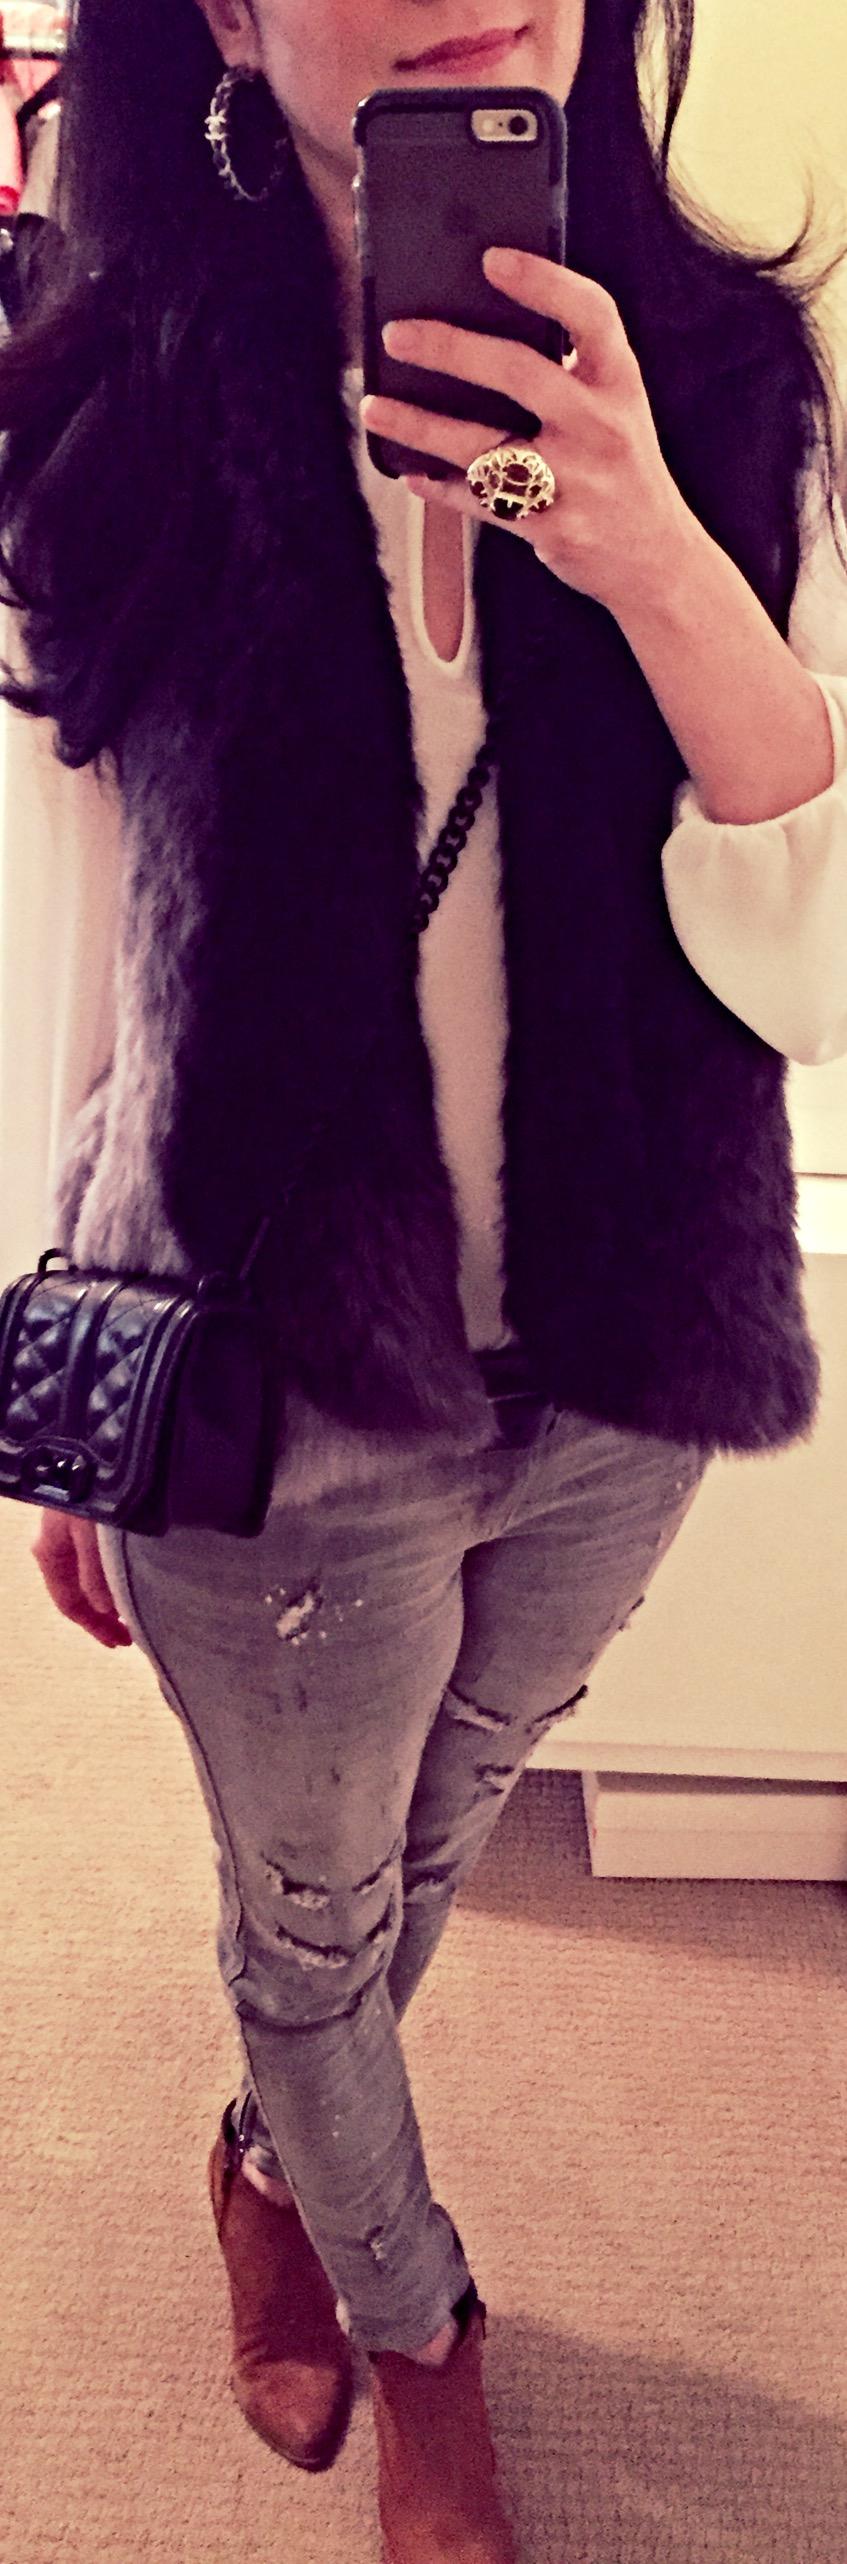 Nov 22, Obre Fur Vest